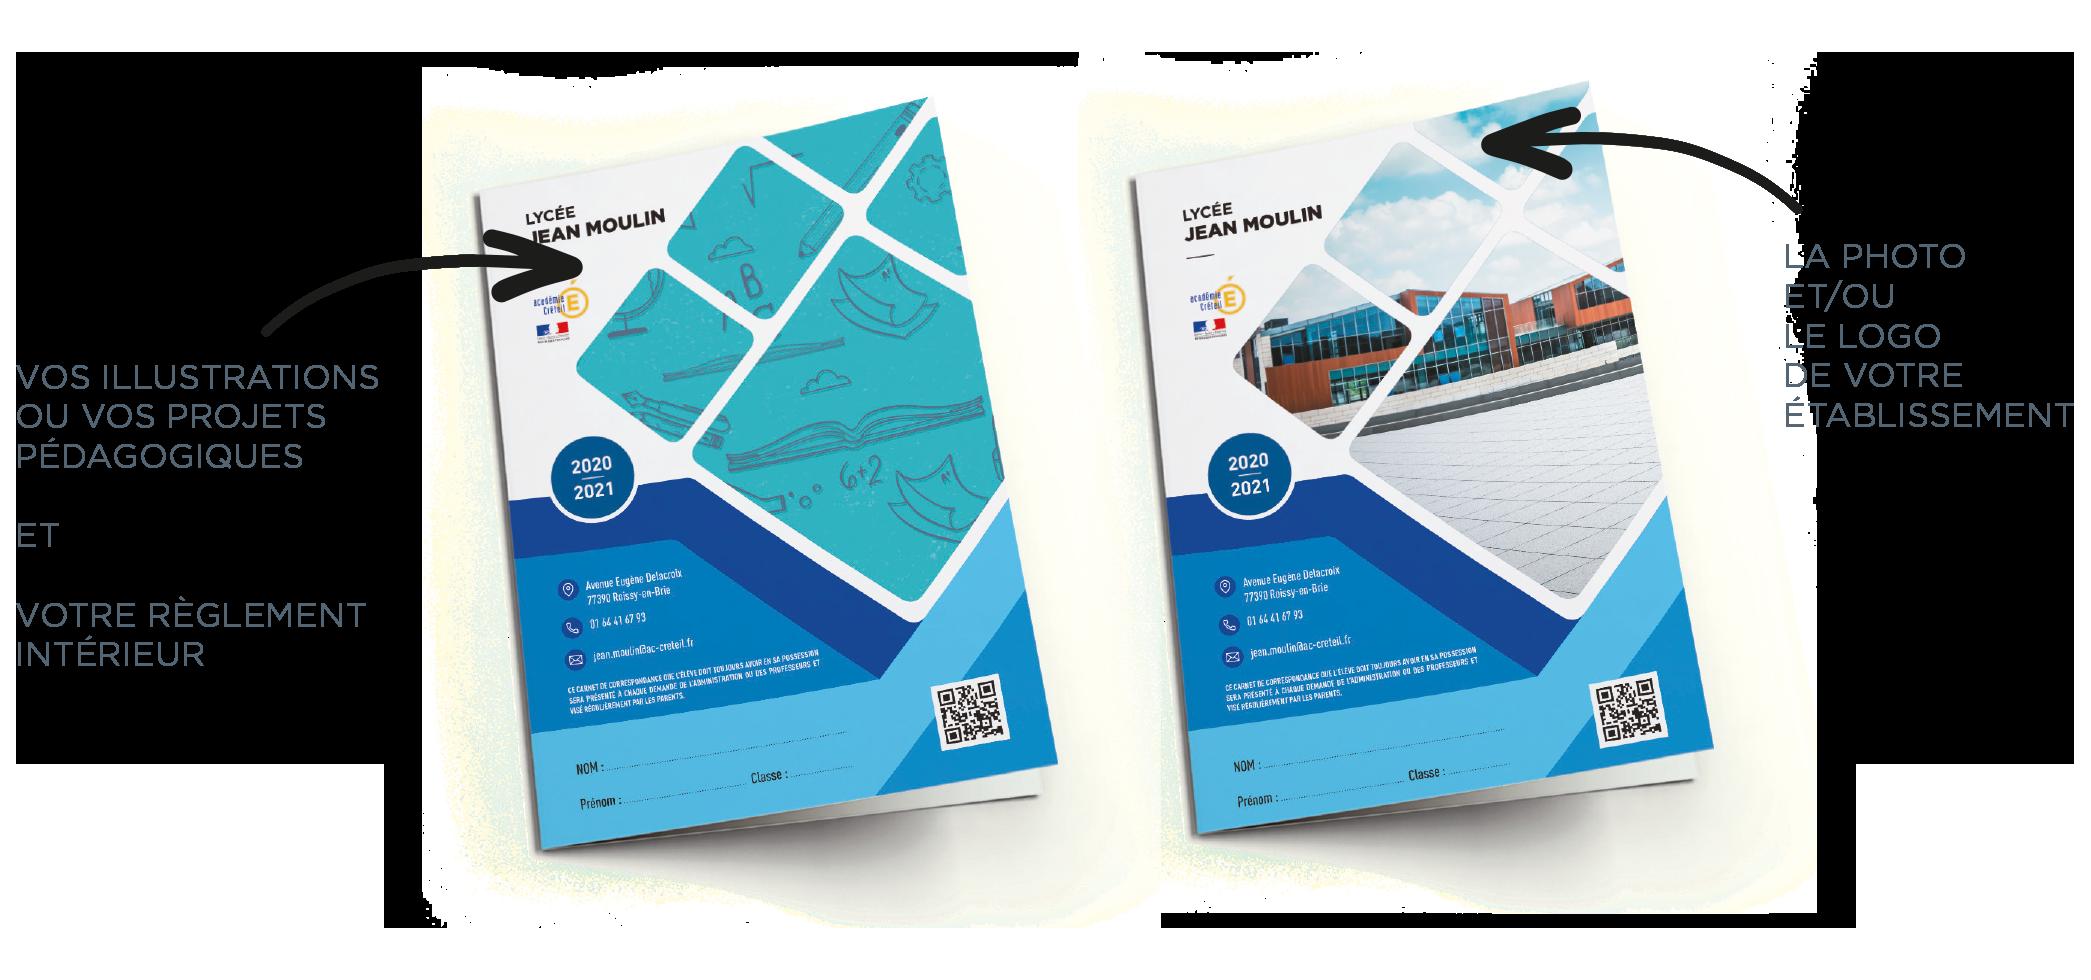 Fournissez vos fichiers pour personnaliser votre carnet de correspondance